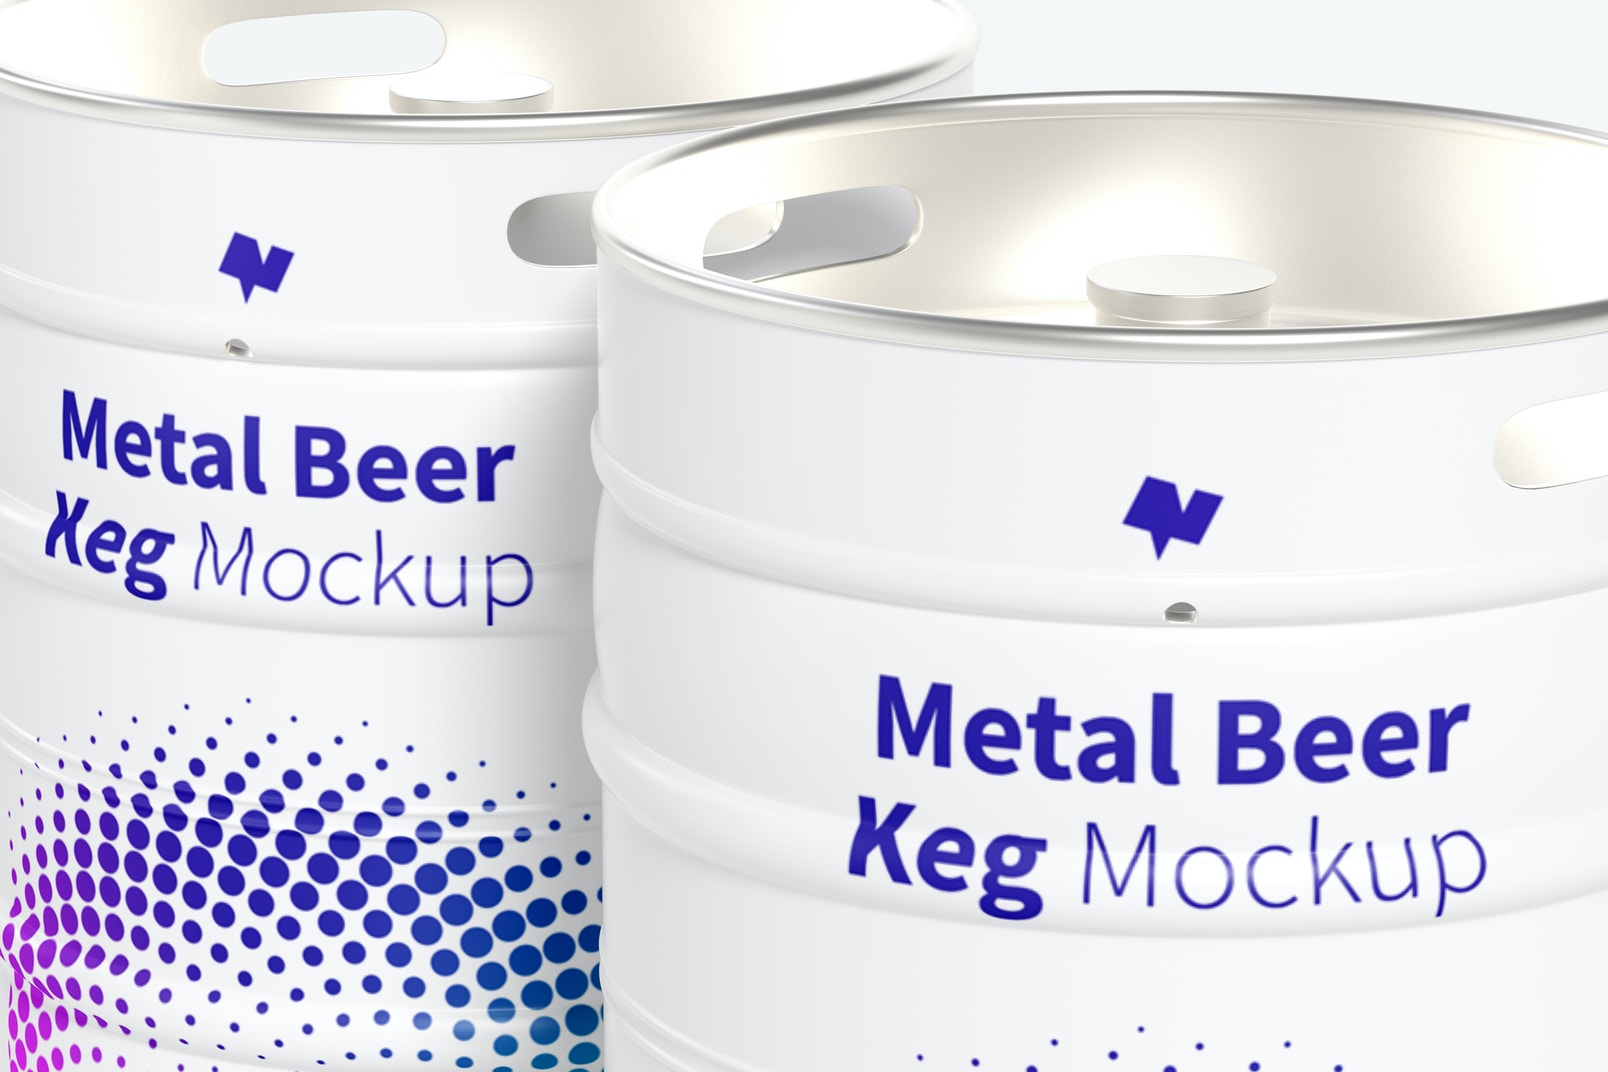 Metal Beer Kegs Mockup, Close-Up